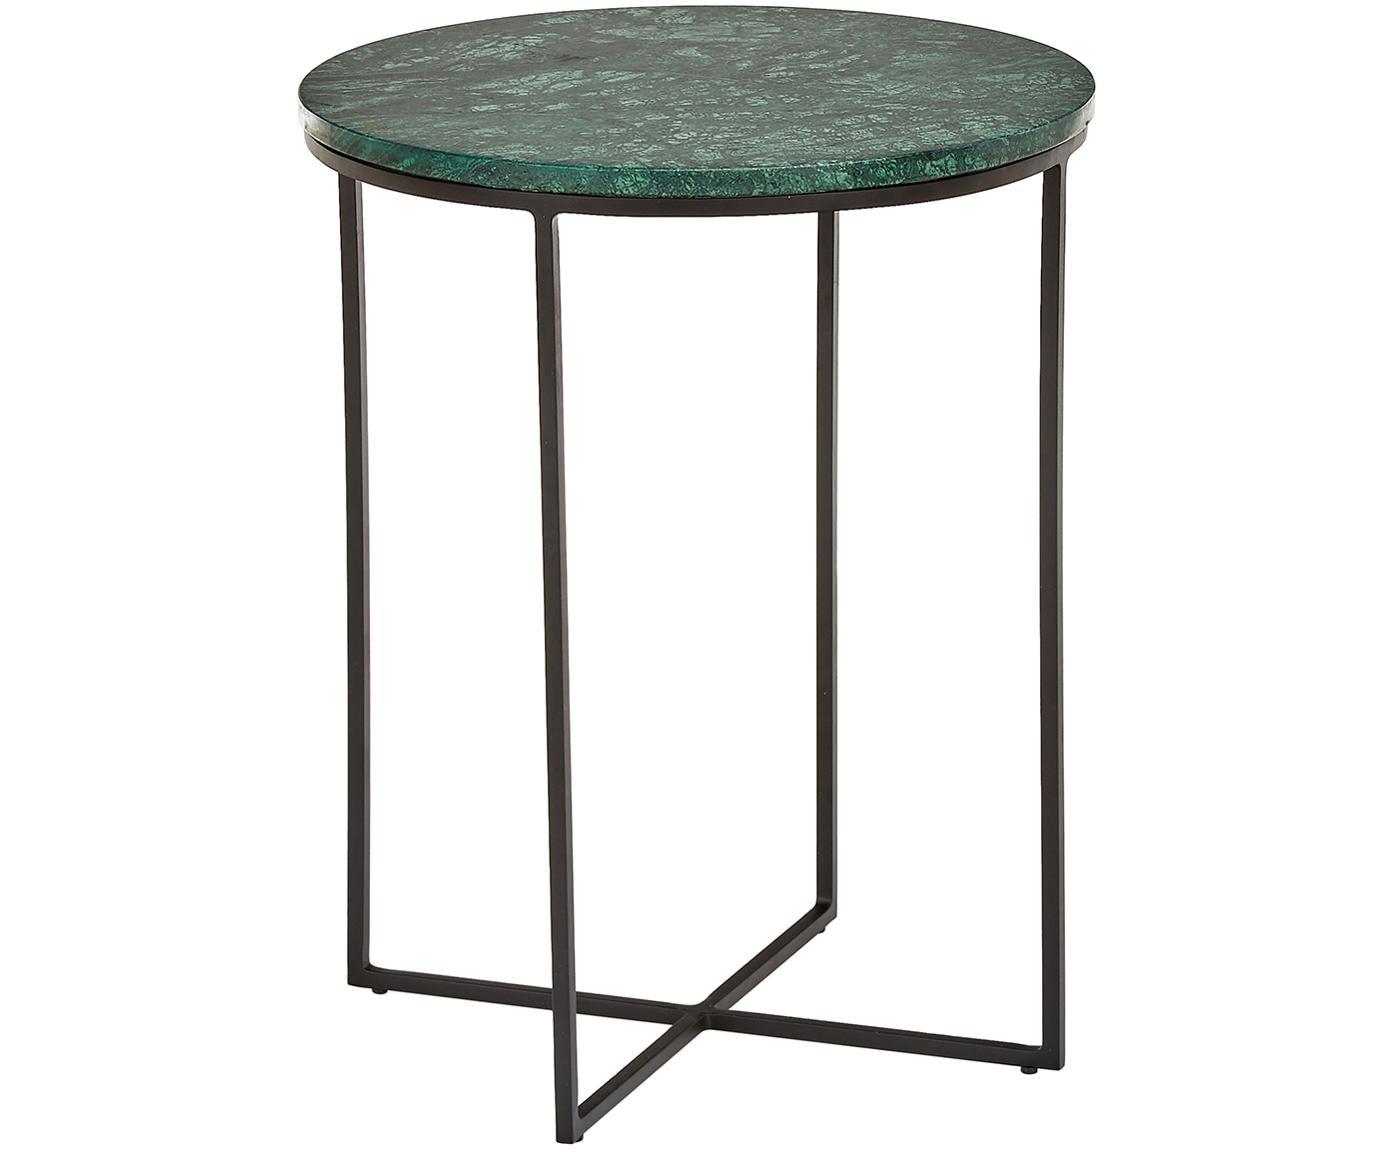 Marmor-Beistelltisch Alys, Tischplatte: Marmor, Gestell: Metall, pulverbeschichtet, Tischplatte: Grüner Marmor Gestell: Schwarz, matt, Ø 40 x H 50 cm